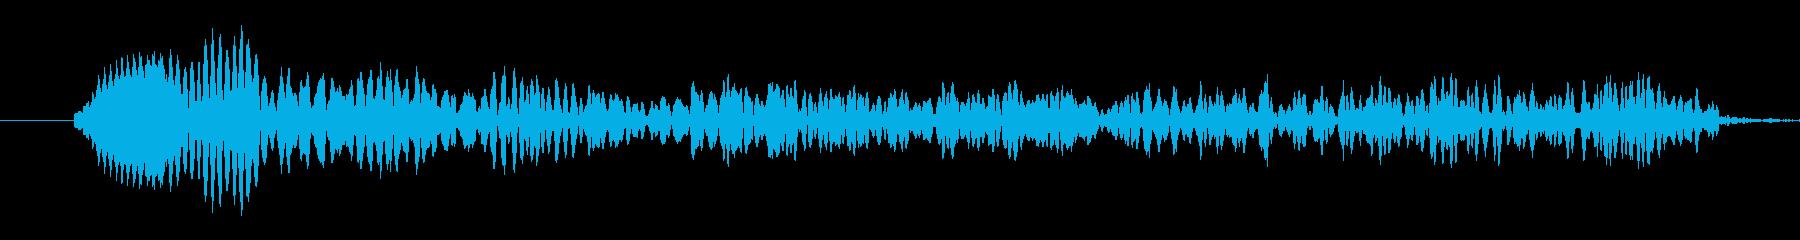 悲鳴(やや低め)の再生済みの波形